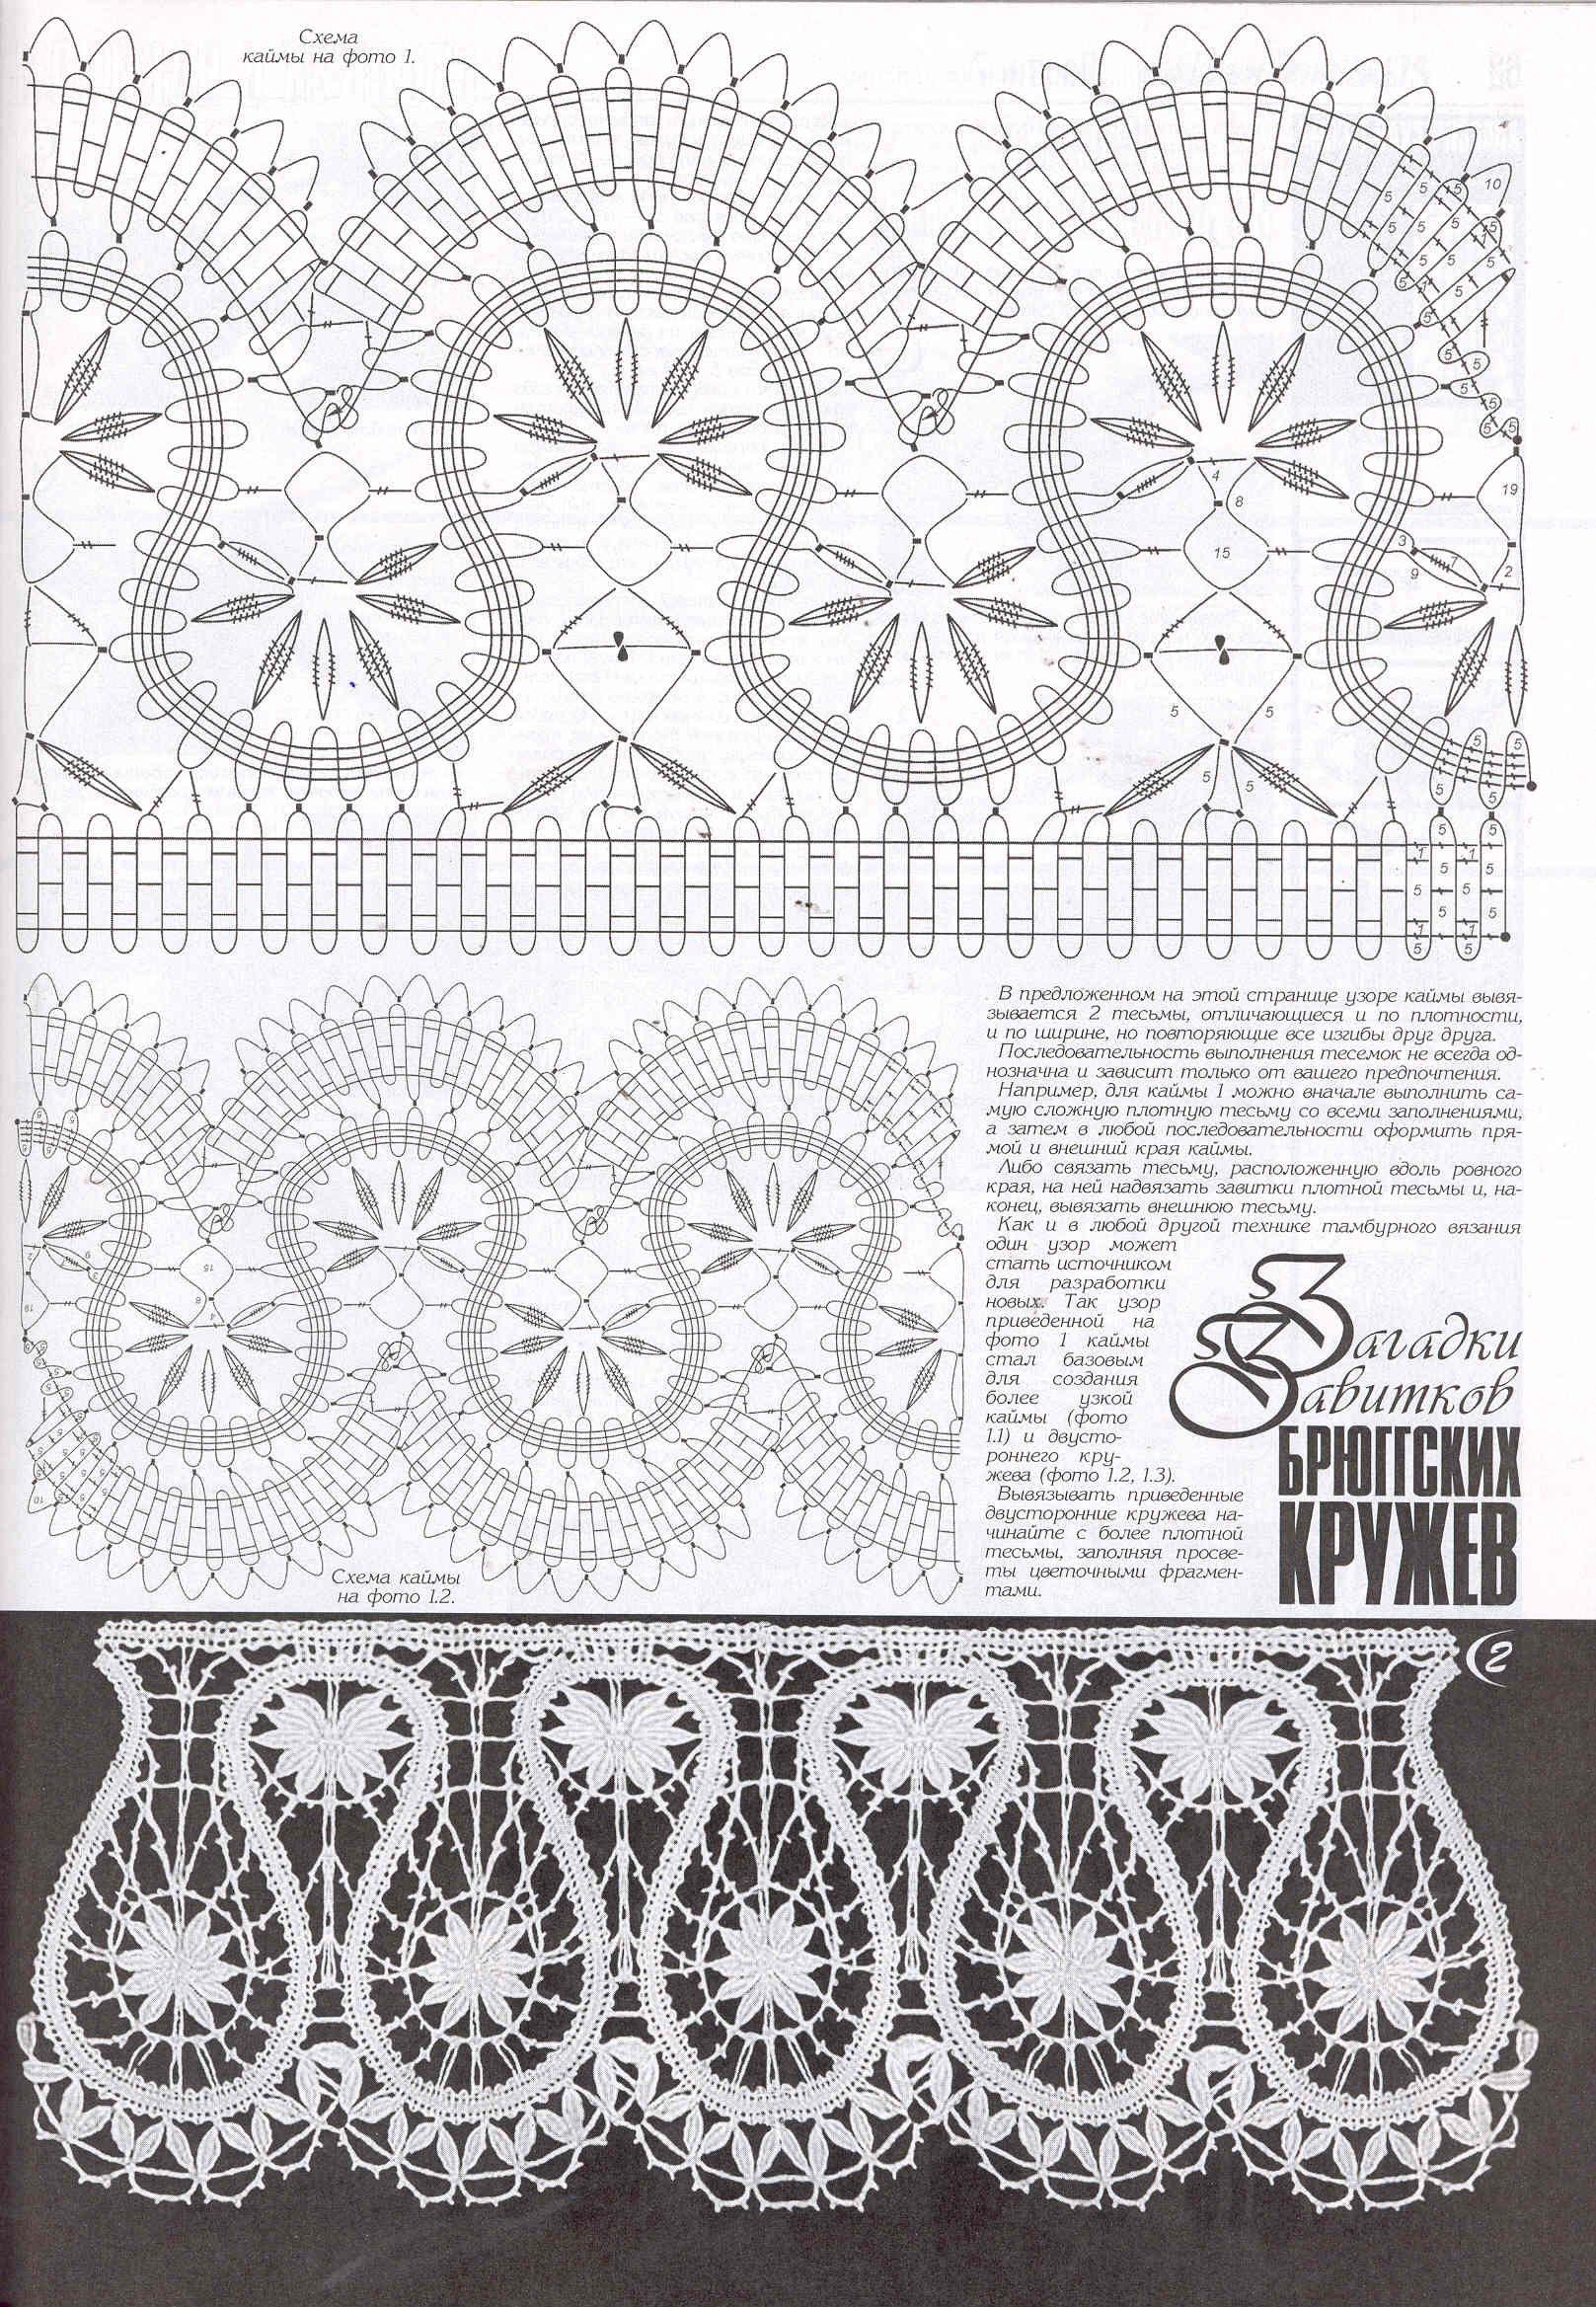 Lujo De Encaje Patrón De Crochet Ilustración - Manta de Tejer Patrón ...